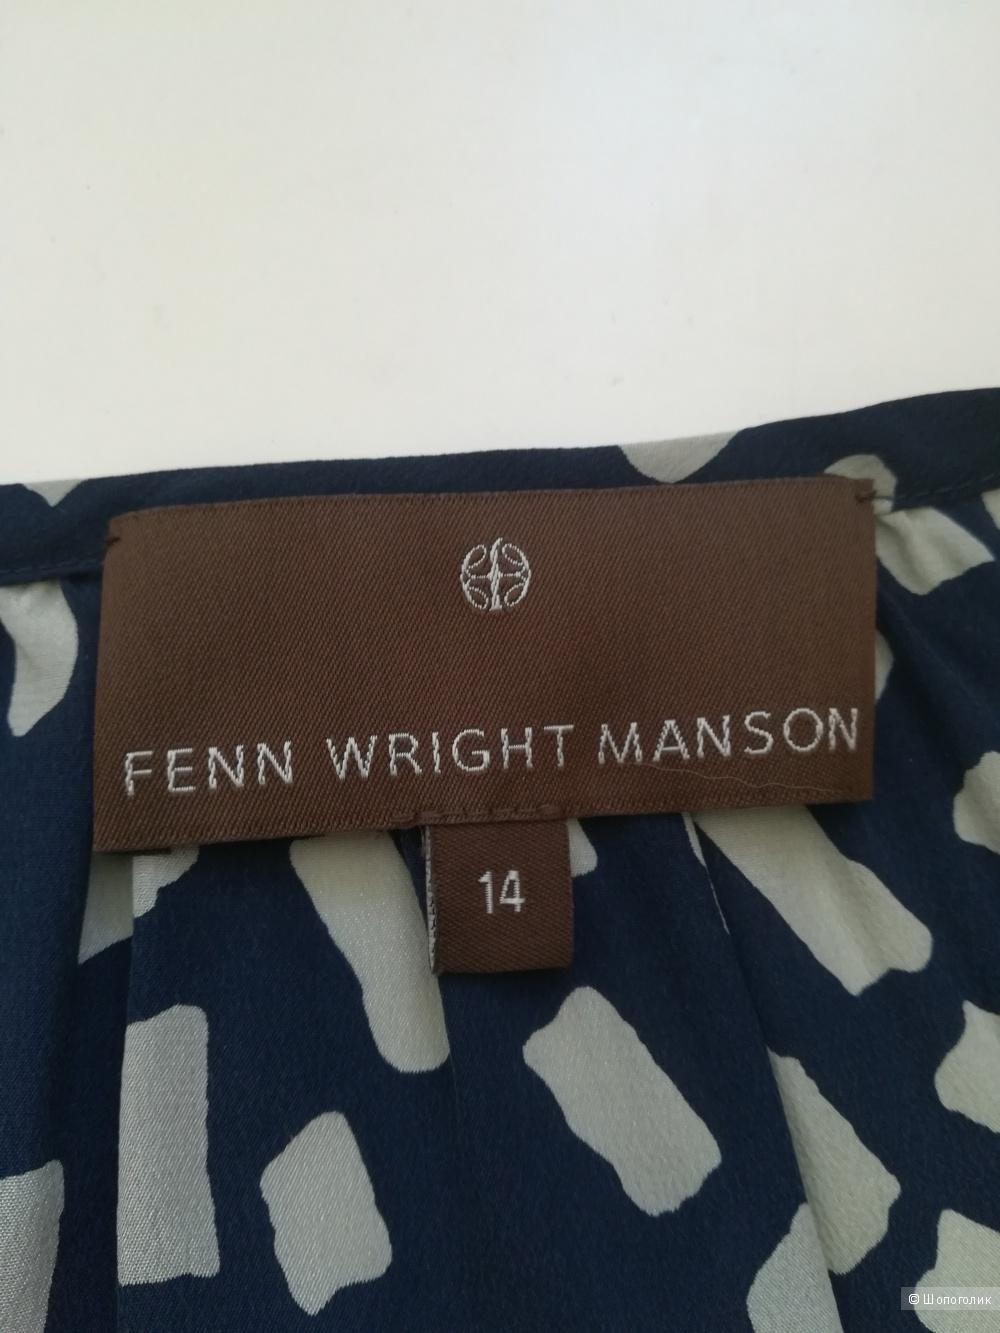 Блузка Fenn wright manson, размер Оверсайз